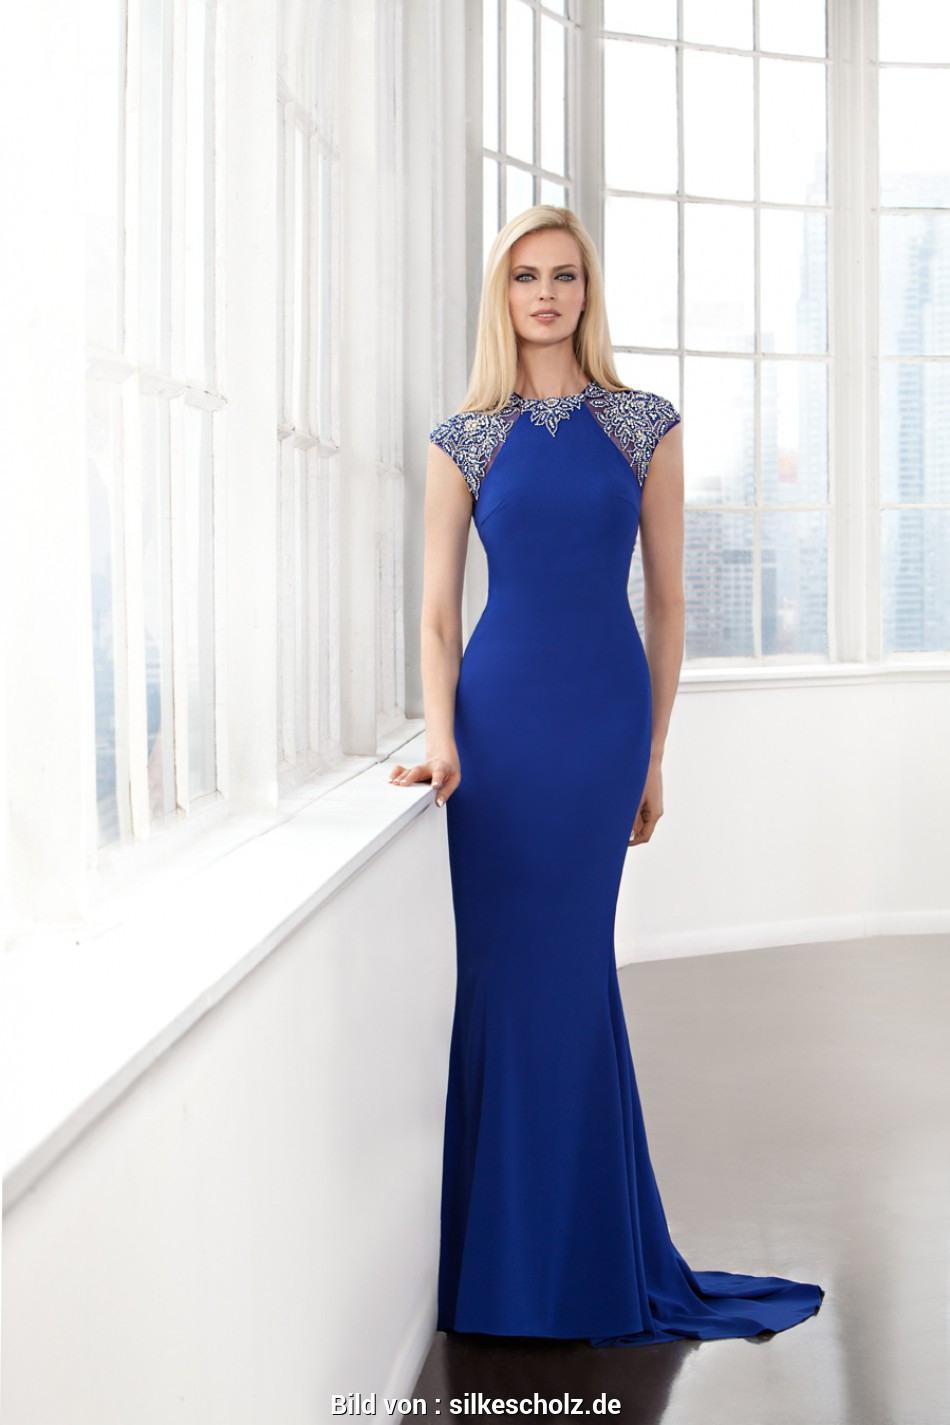 13 Erstaunlich Frankfurt Abend Kleider BoutiqueDesigner Elegant Frankfurt Abend Kleider Boutique